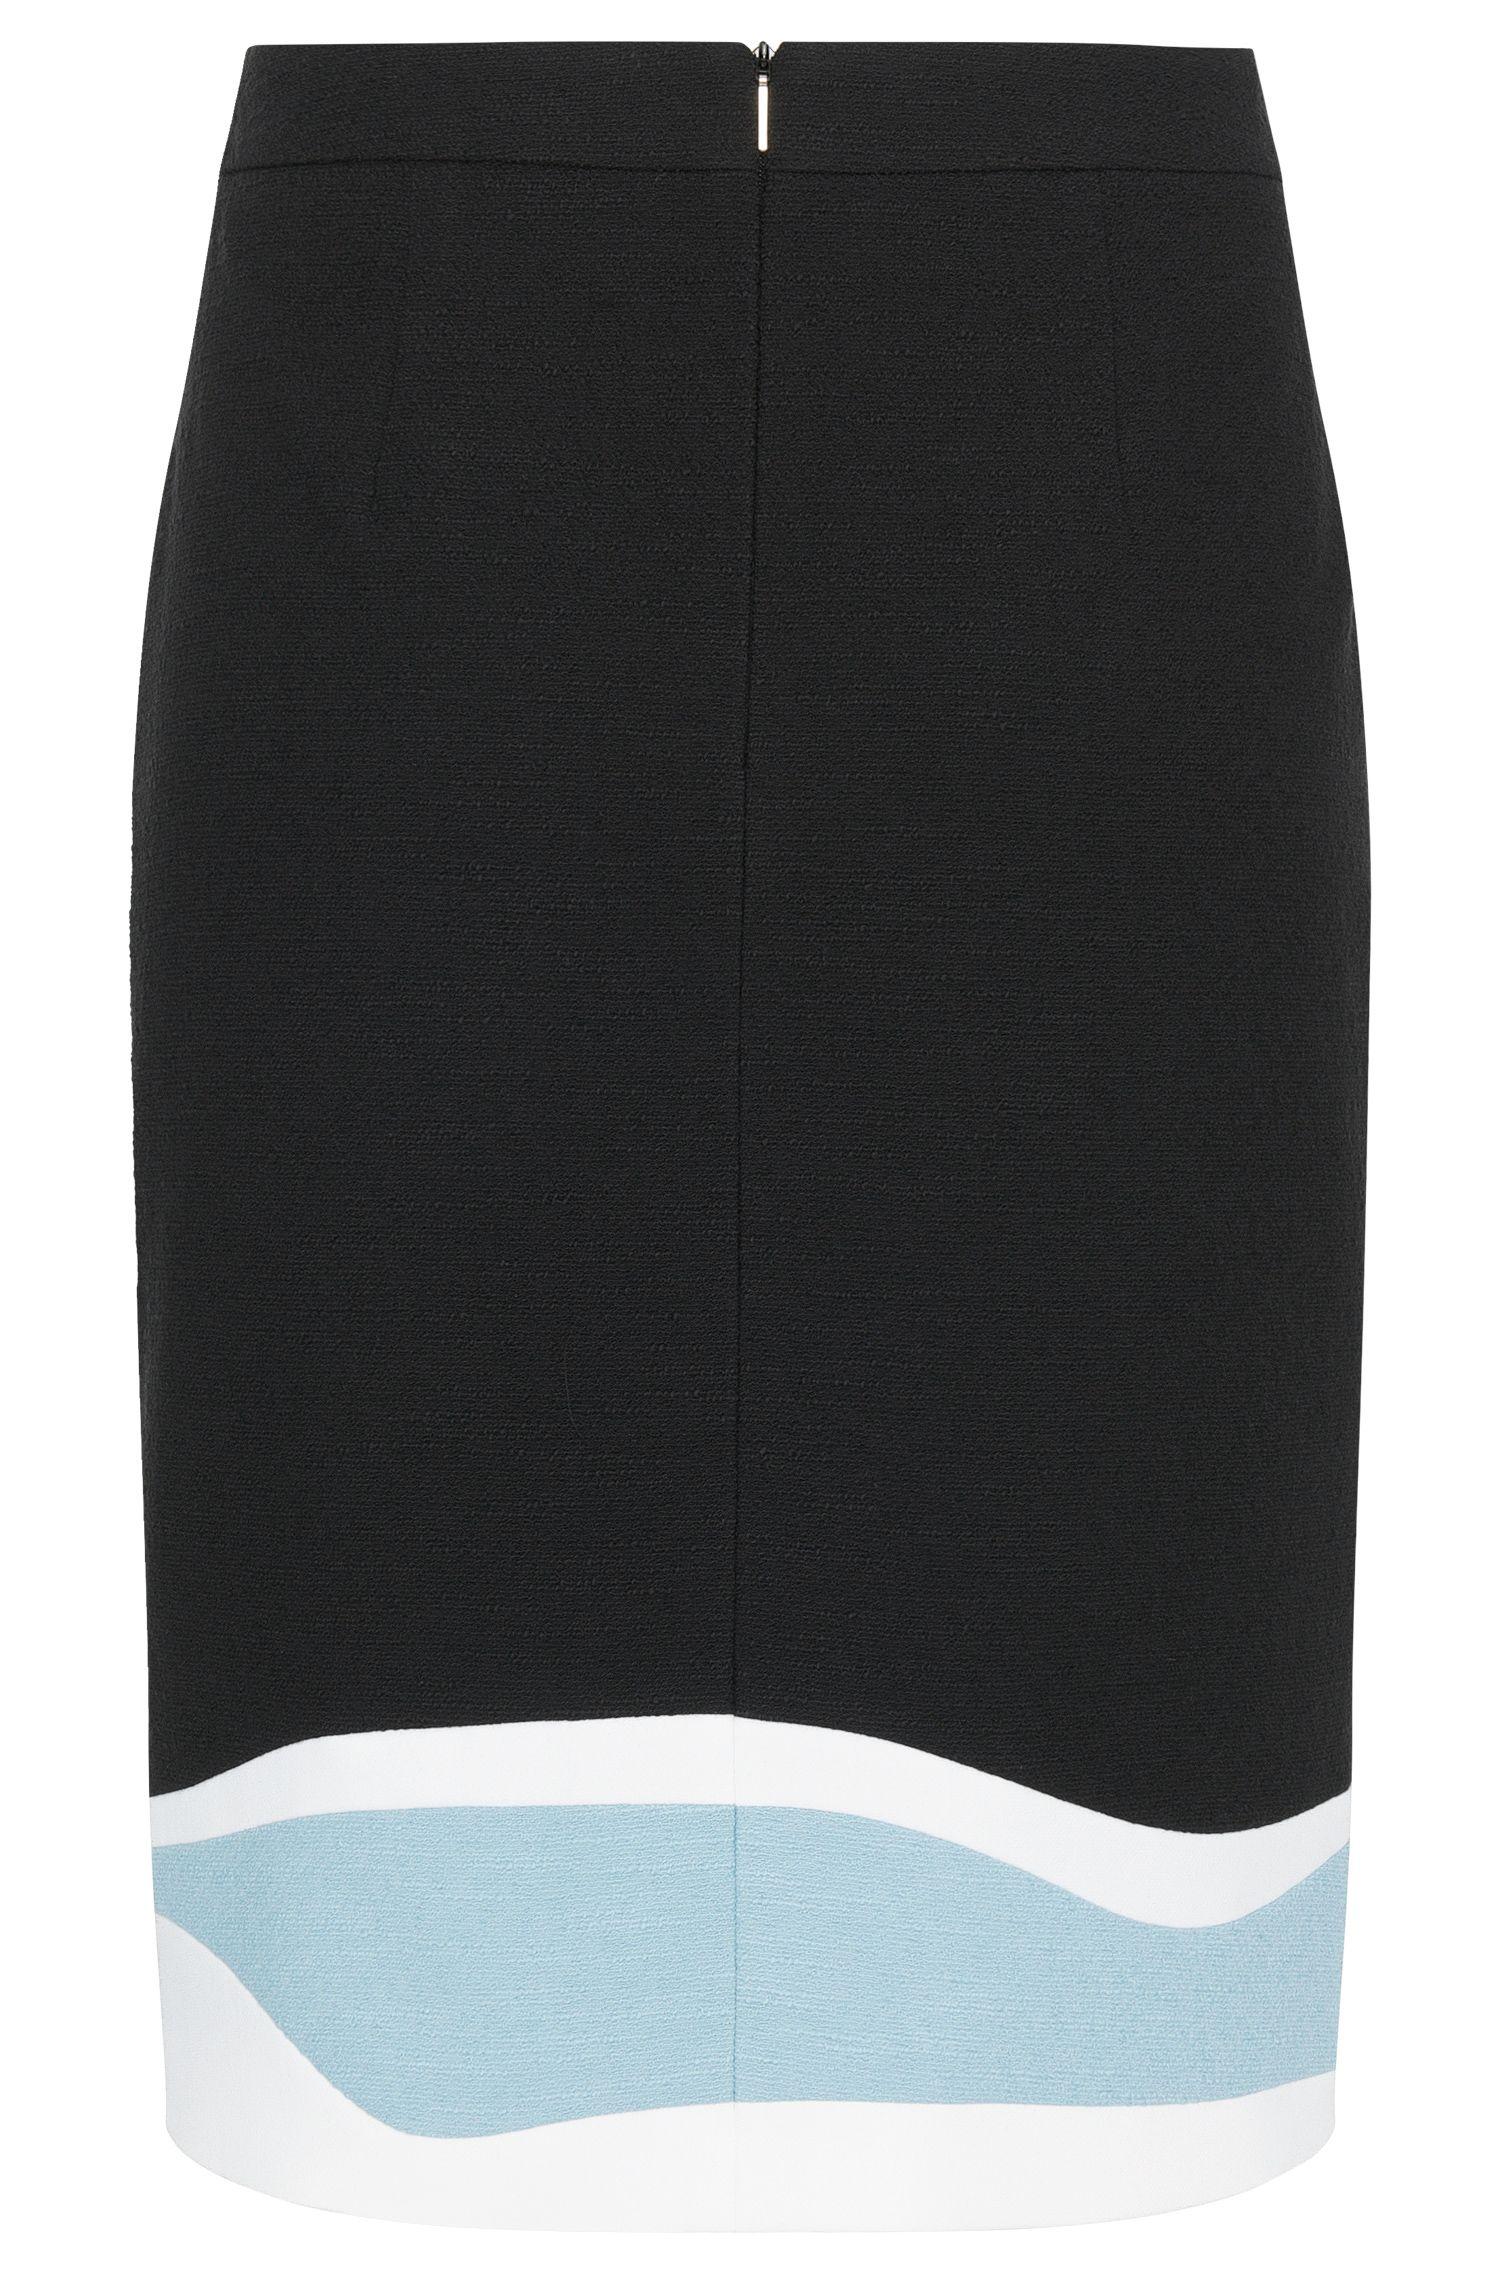 Rock aus Stretch-Baumwolle mit stromlinienförmigem Muster: 'Vidina'